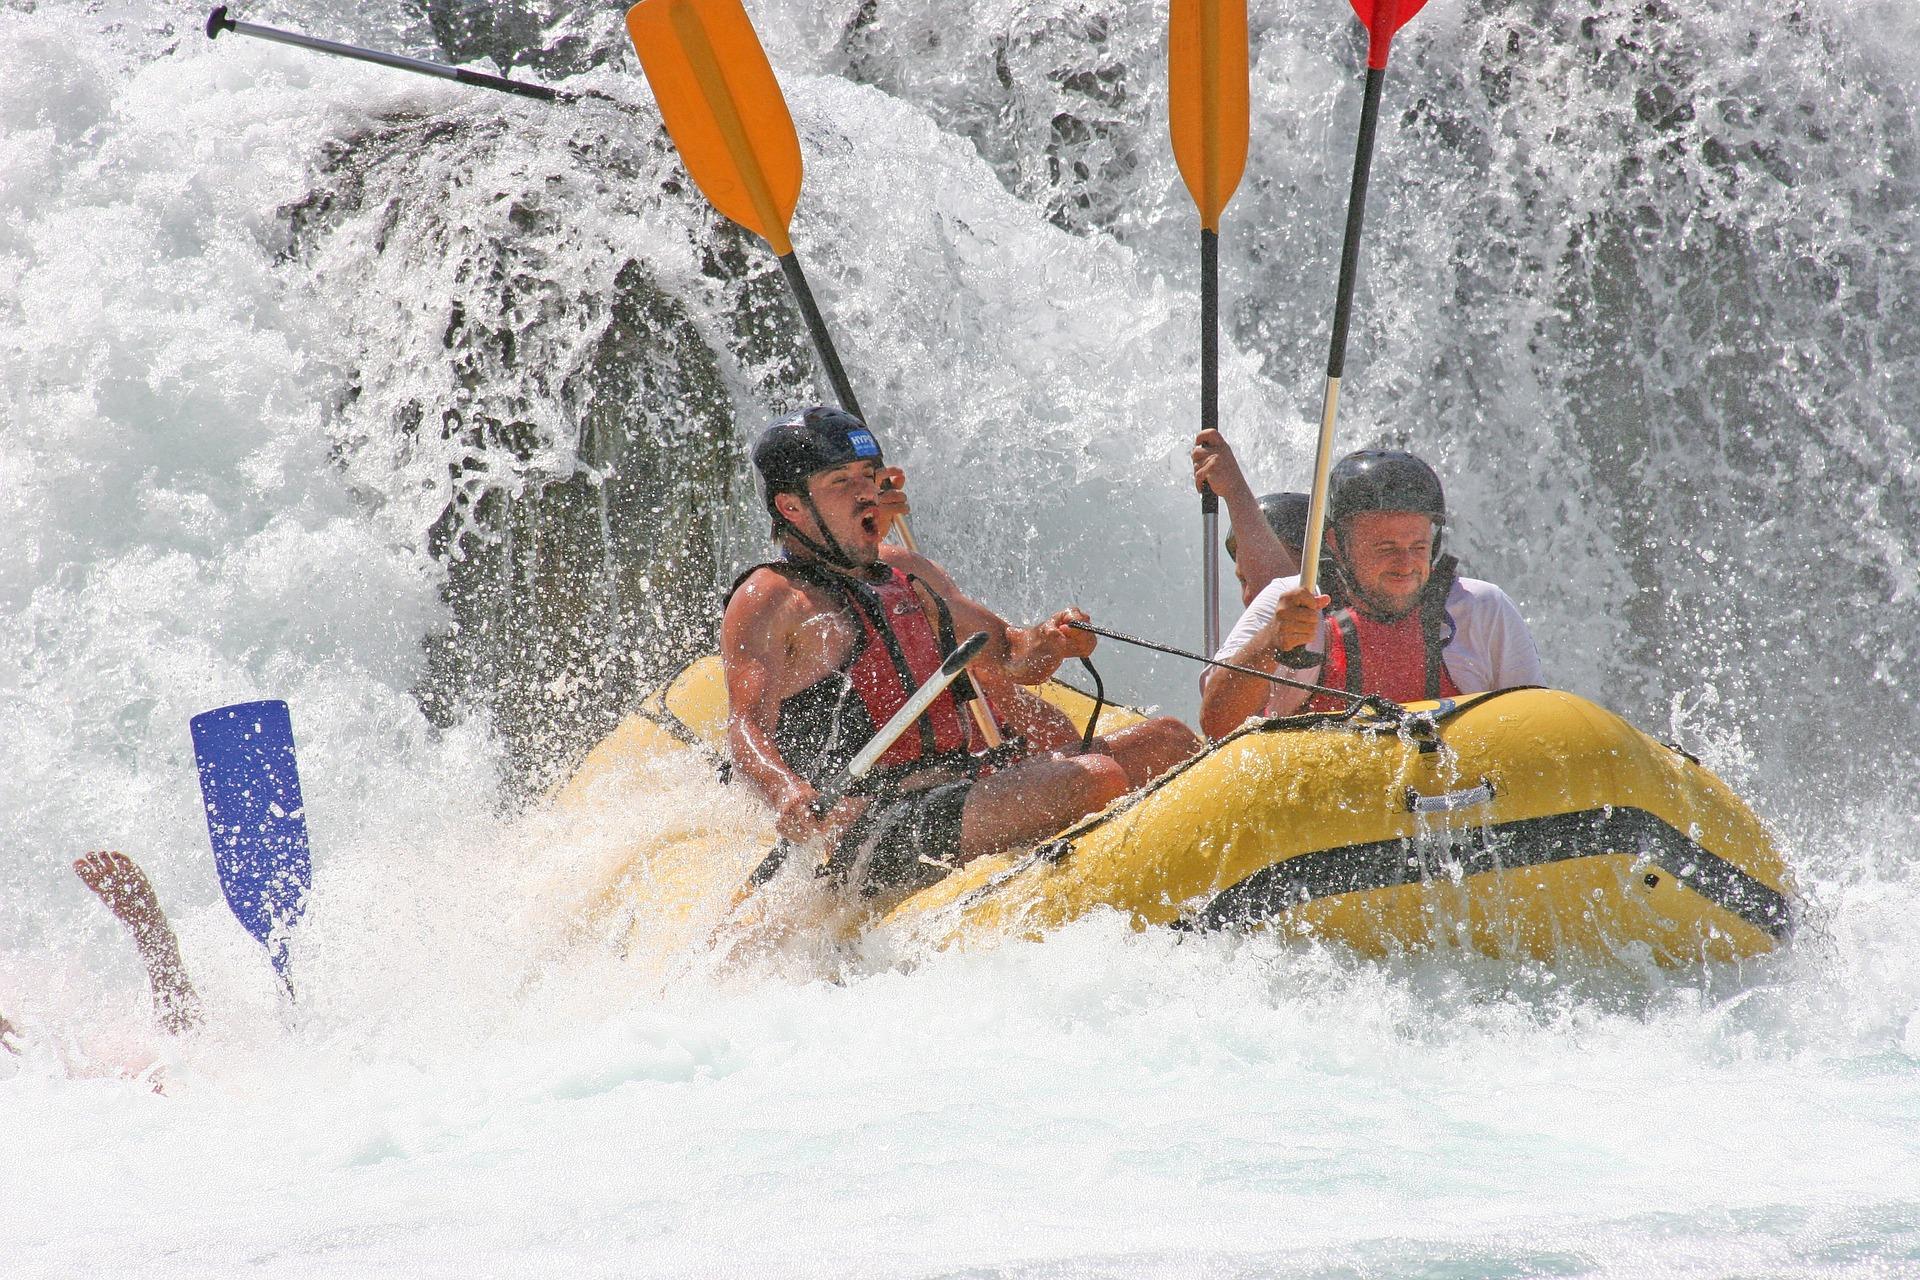 rafting-829068_1920.jpg